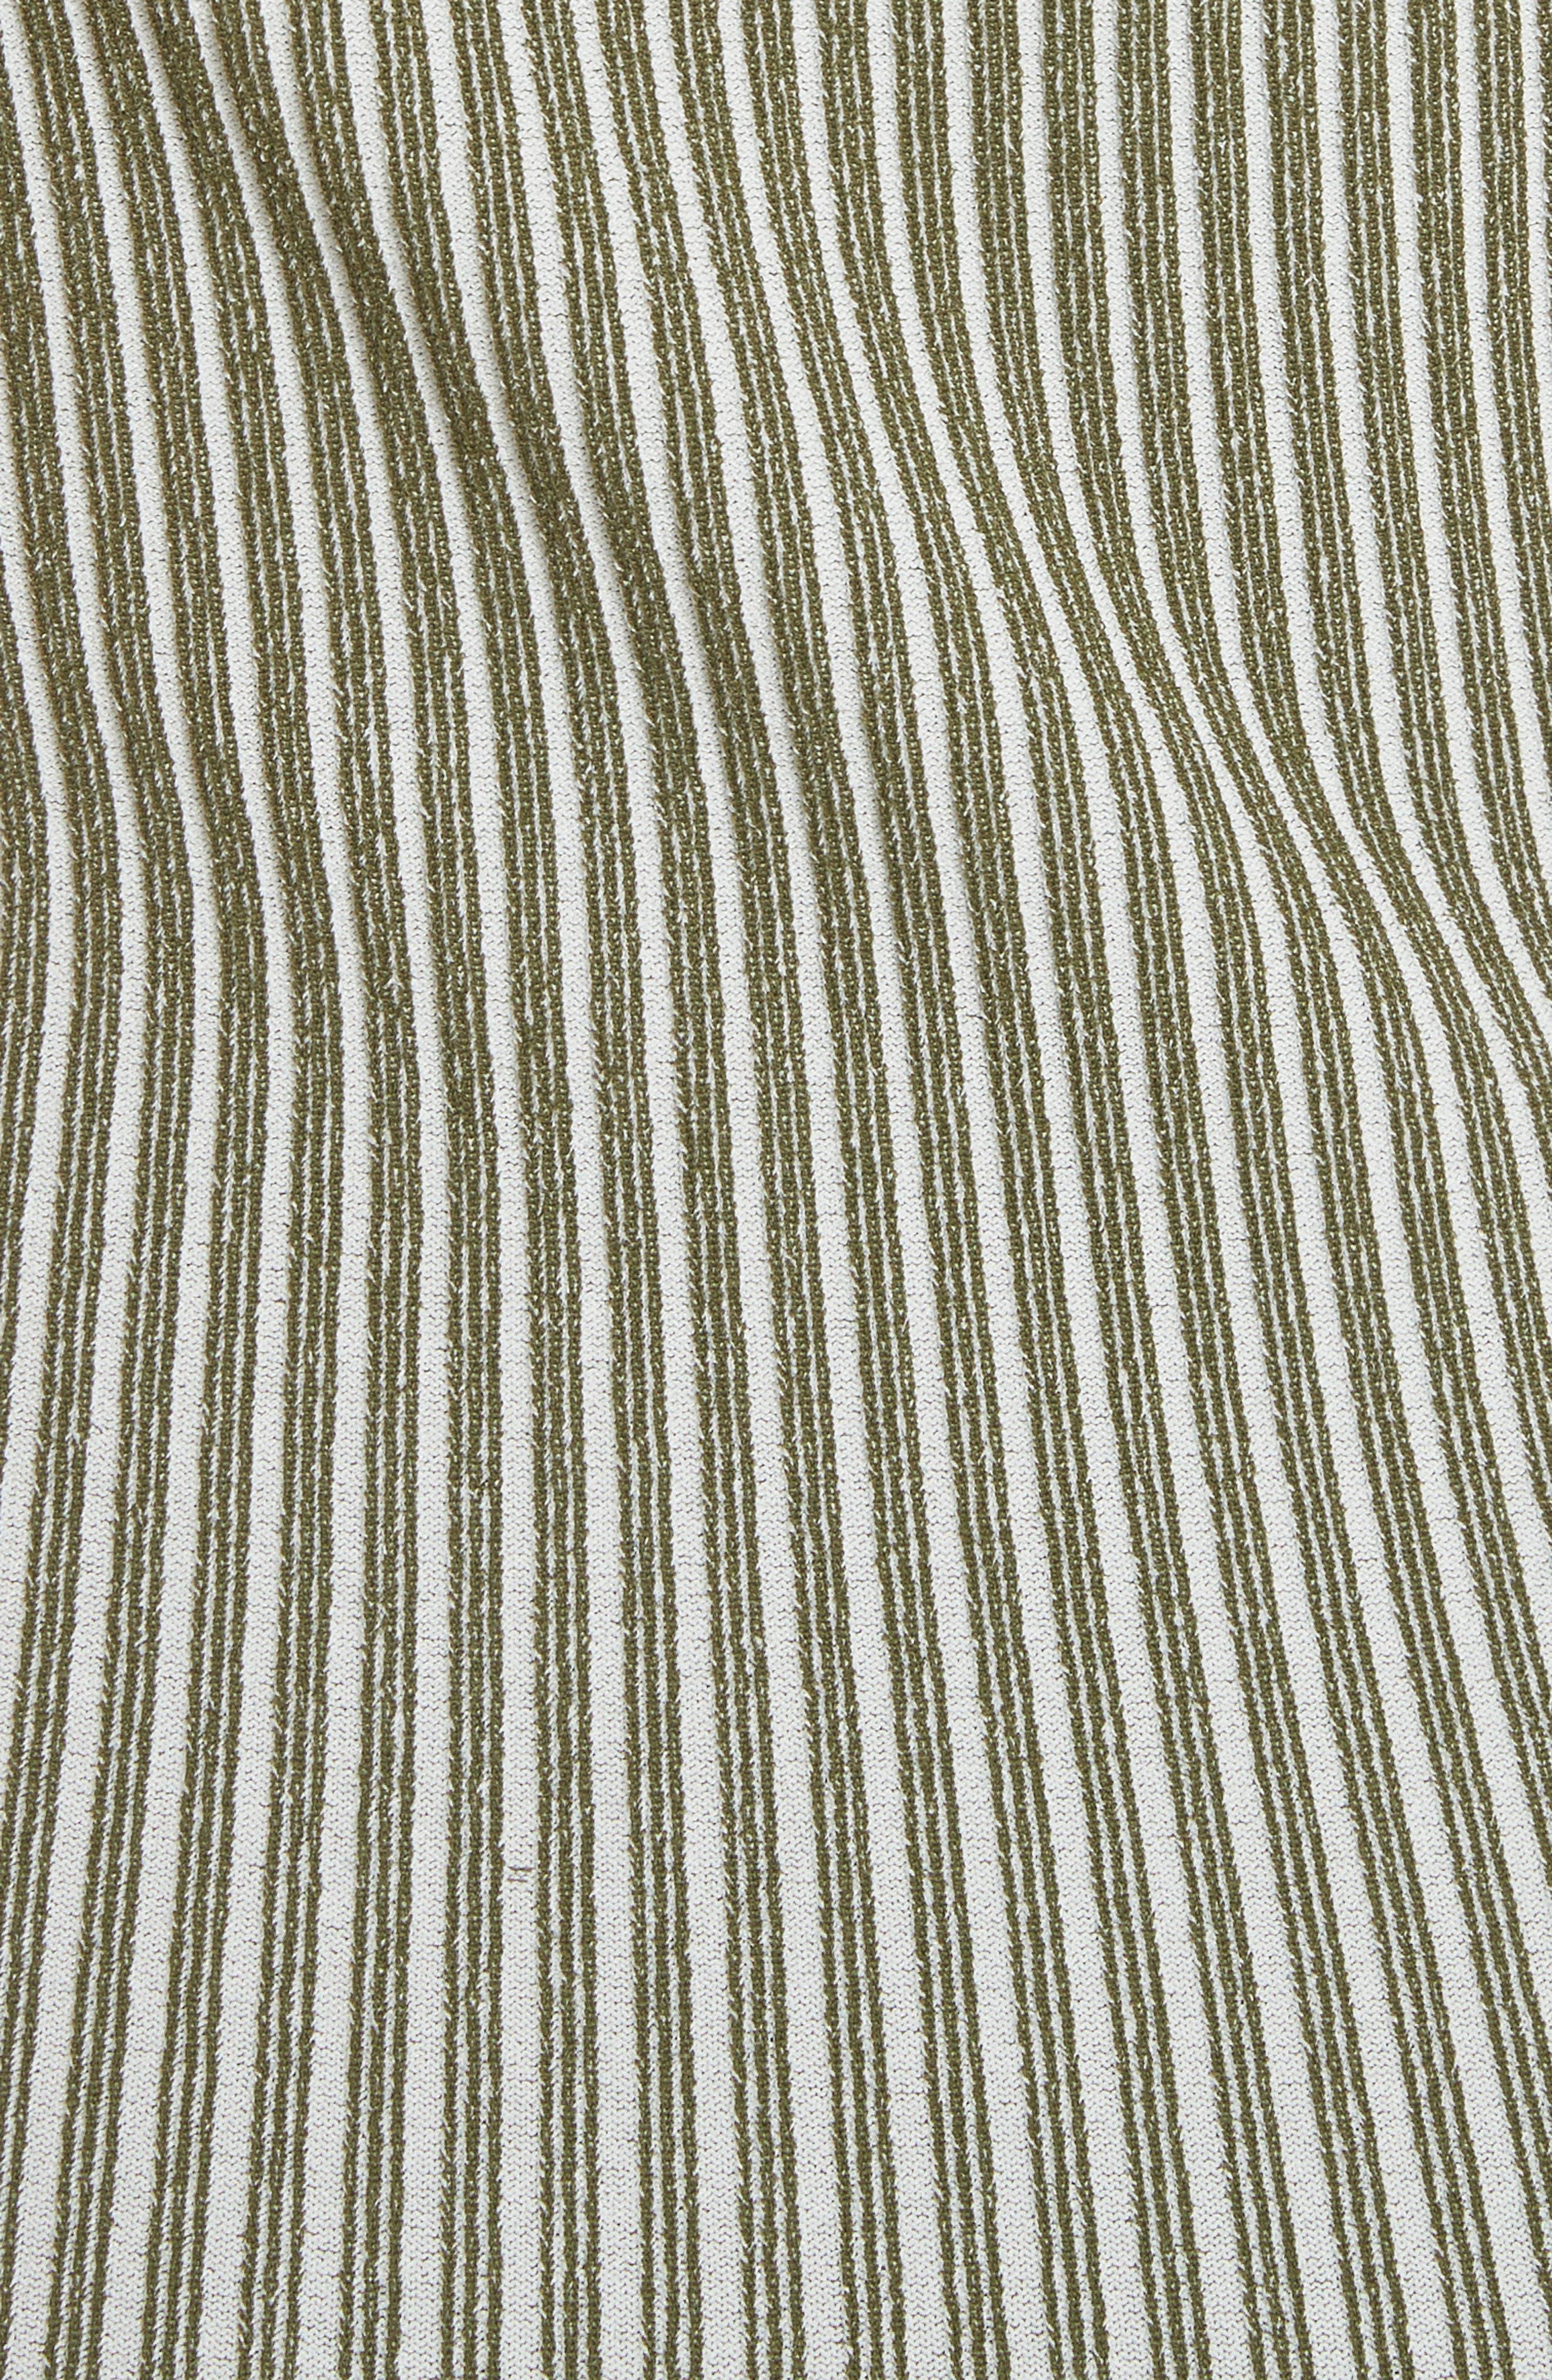 Plaited Ribbed Slipdress,                             Alternate thumbnail 5, color,                             339